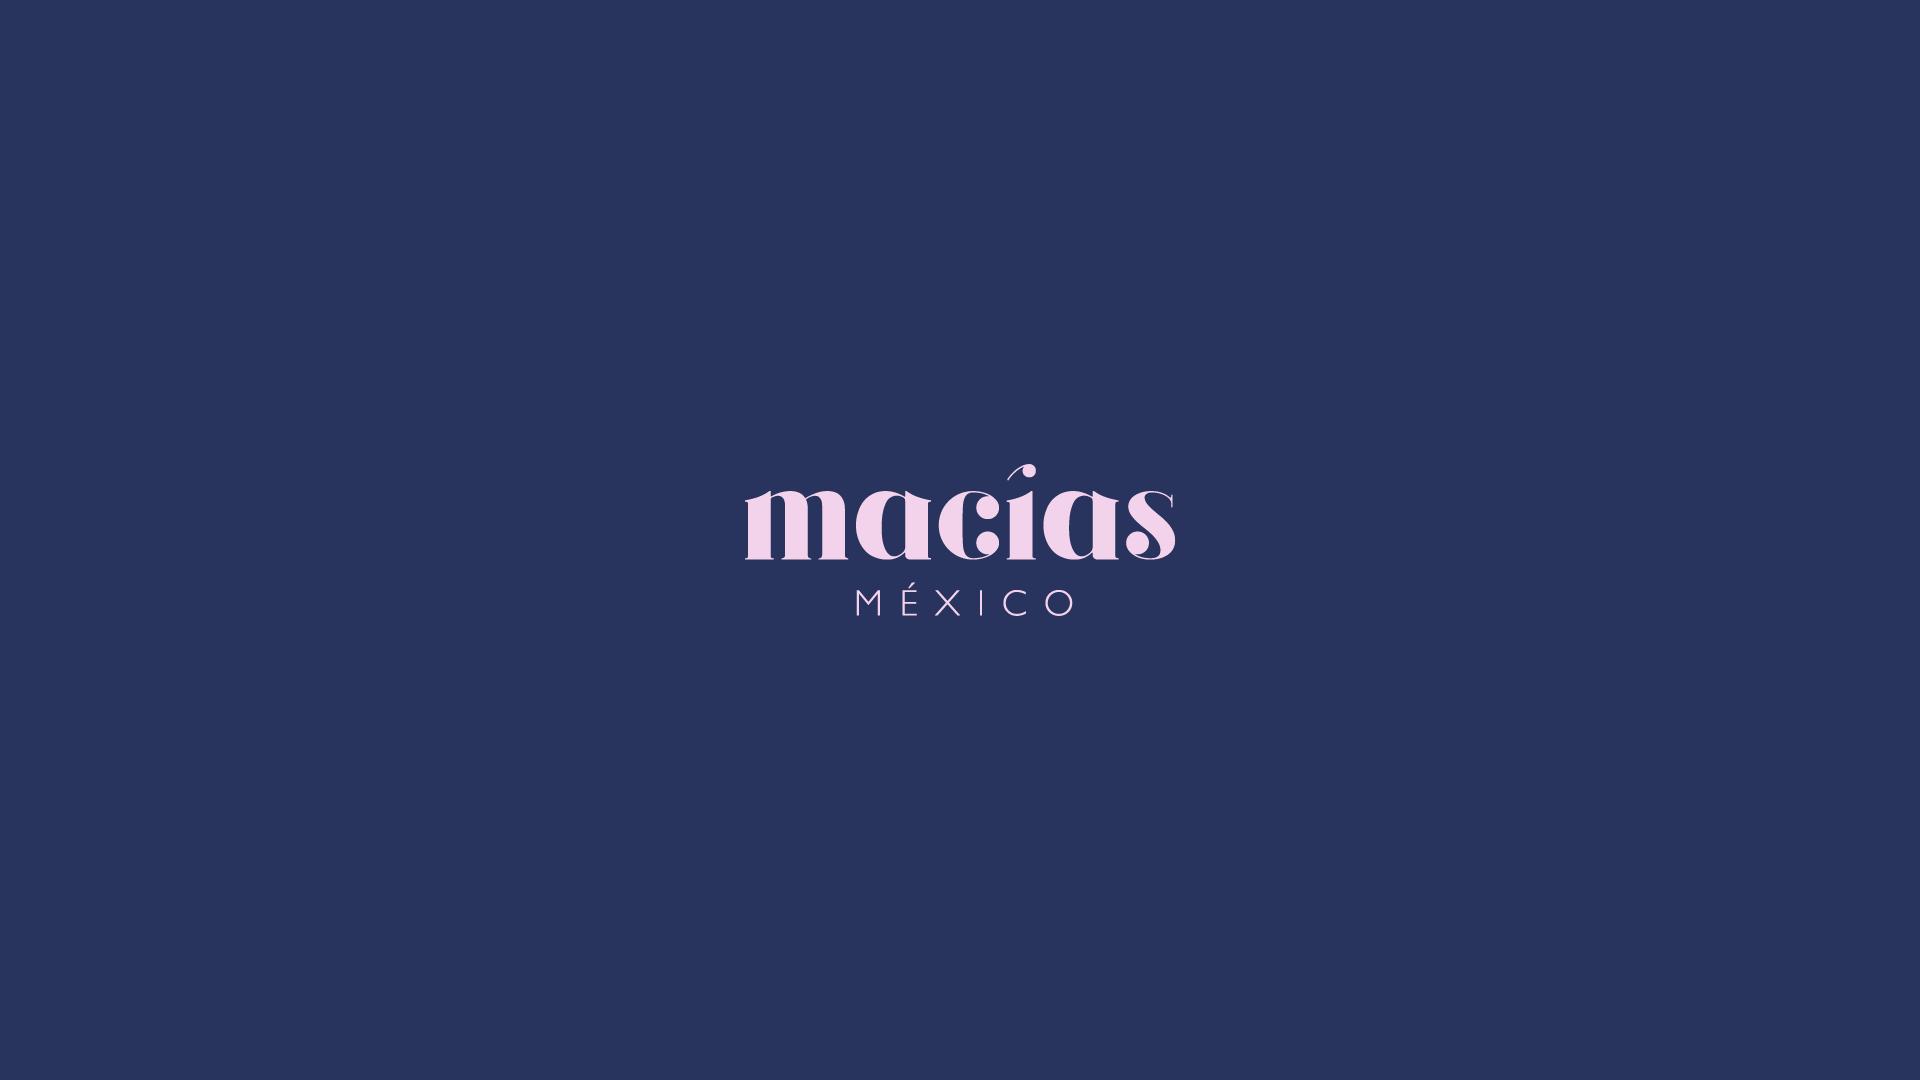 Logos-Daniel_Niebla-15.png